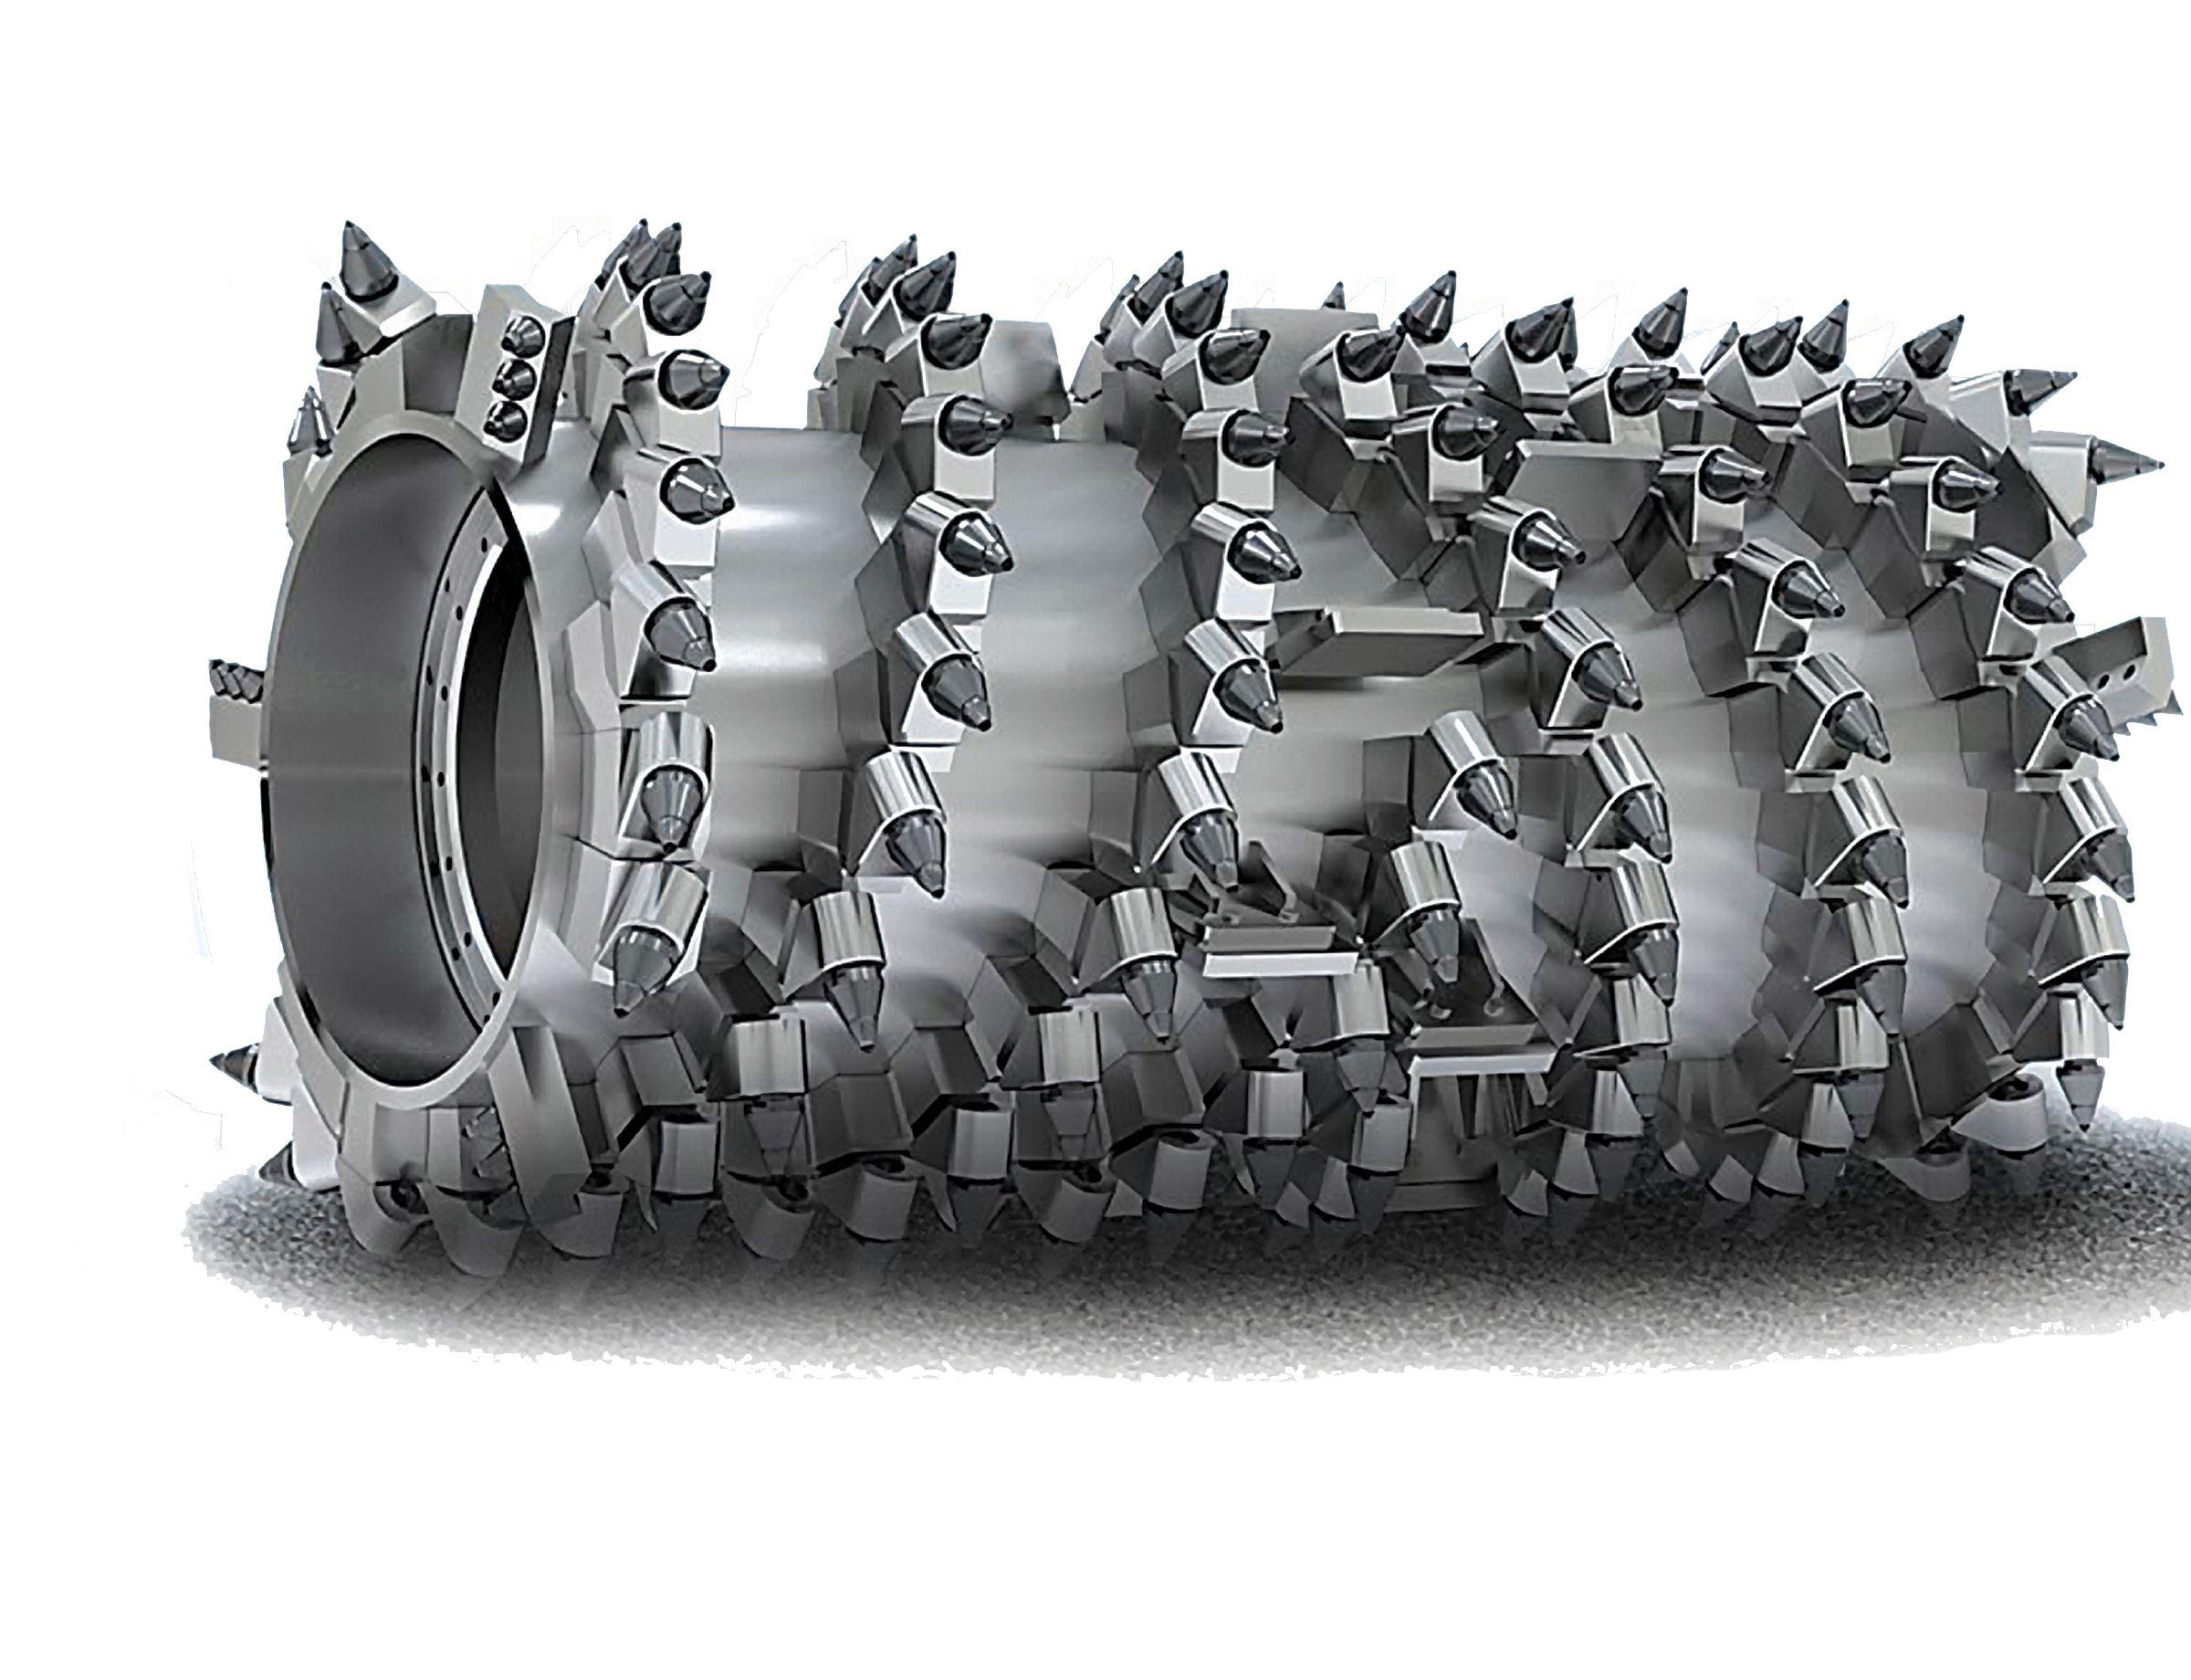 Bei Cat <sup>®</sup> Diamant-Fräsmeißeln wird die Spitze in einem hauseigenen Verfahren bei hohen Temperaturen aus polykristallinen Diamanten gepresst.